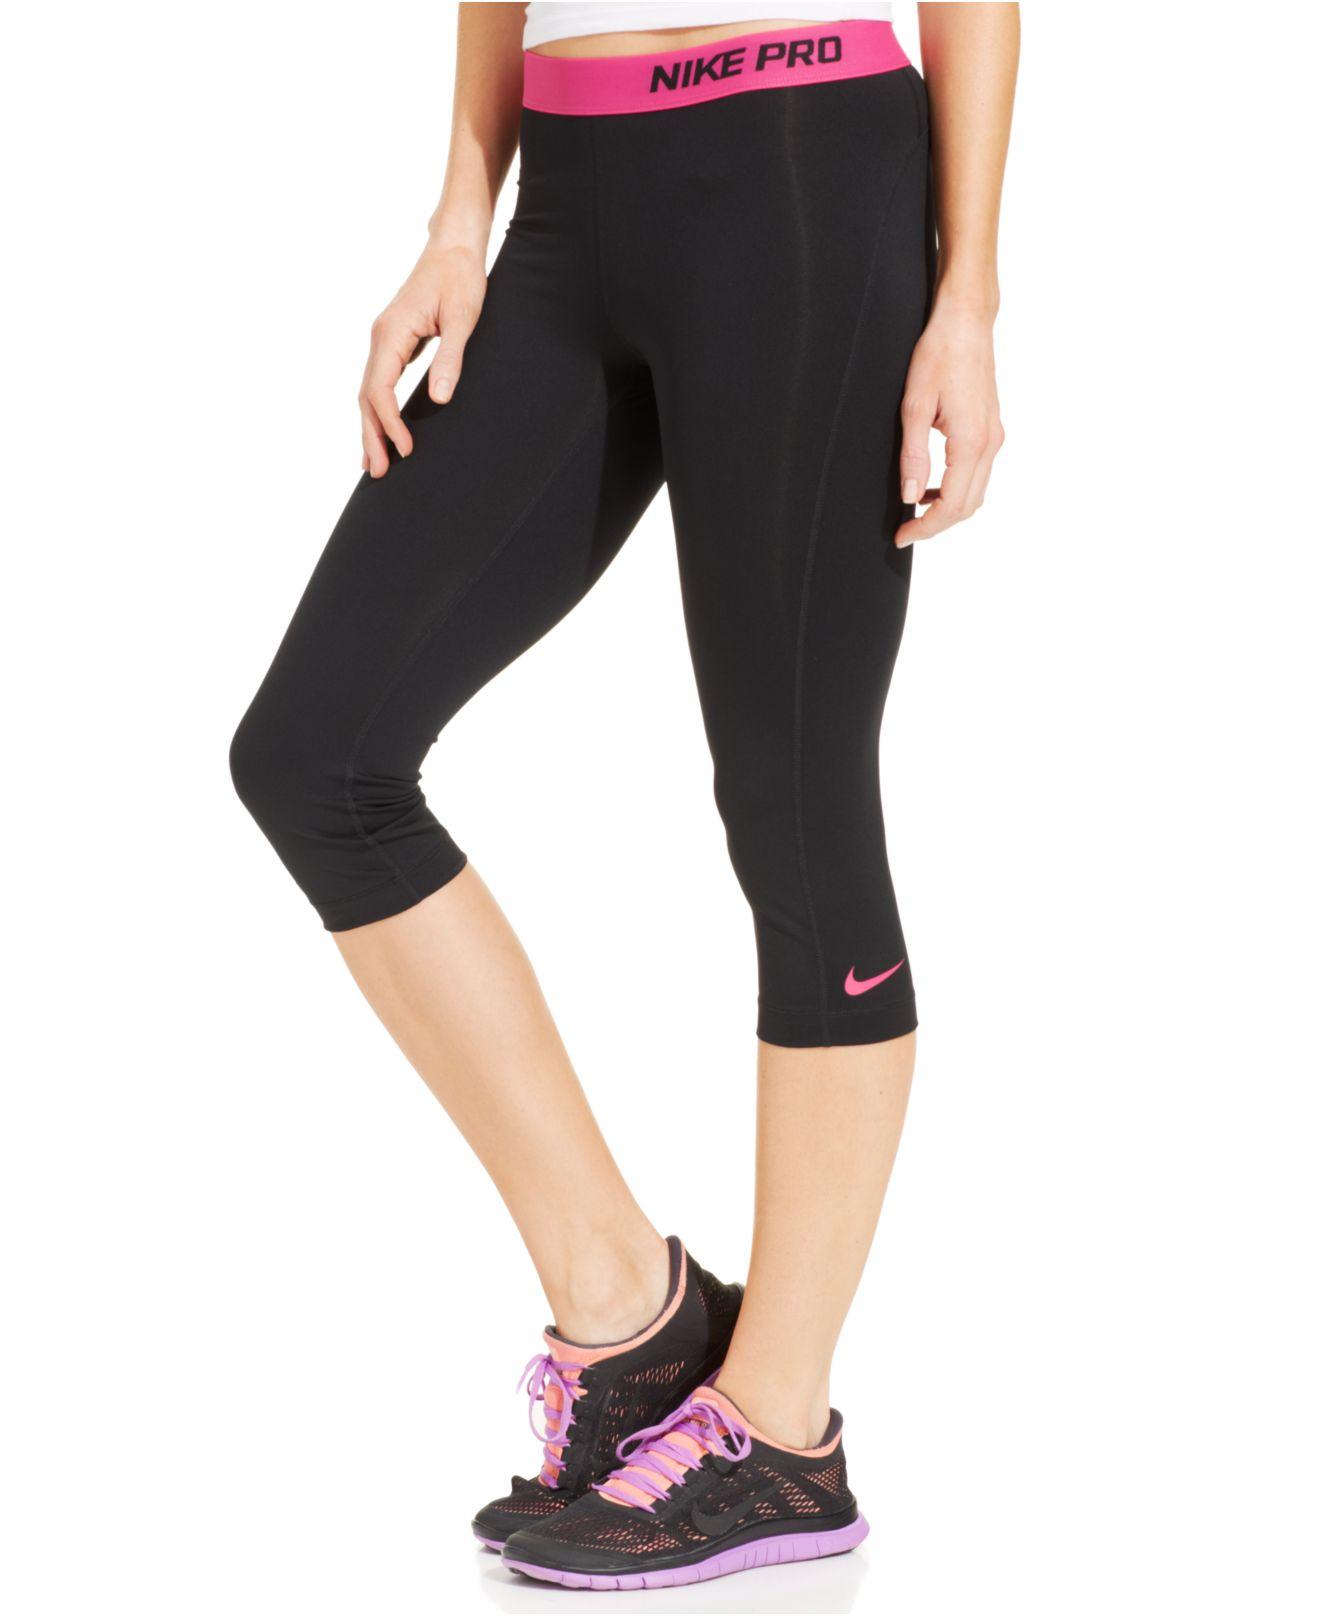 Nike Pro Capri Active Leggings in Black